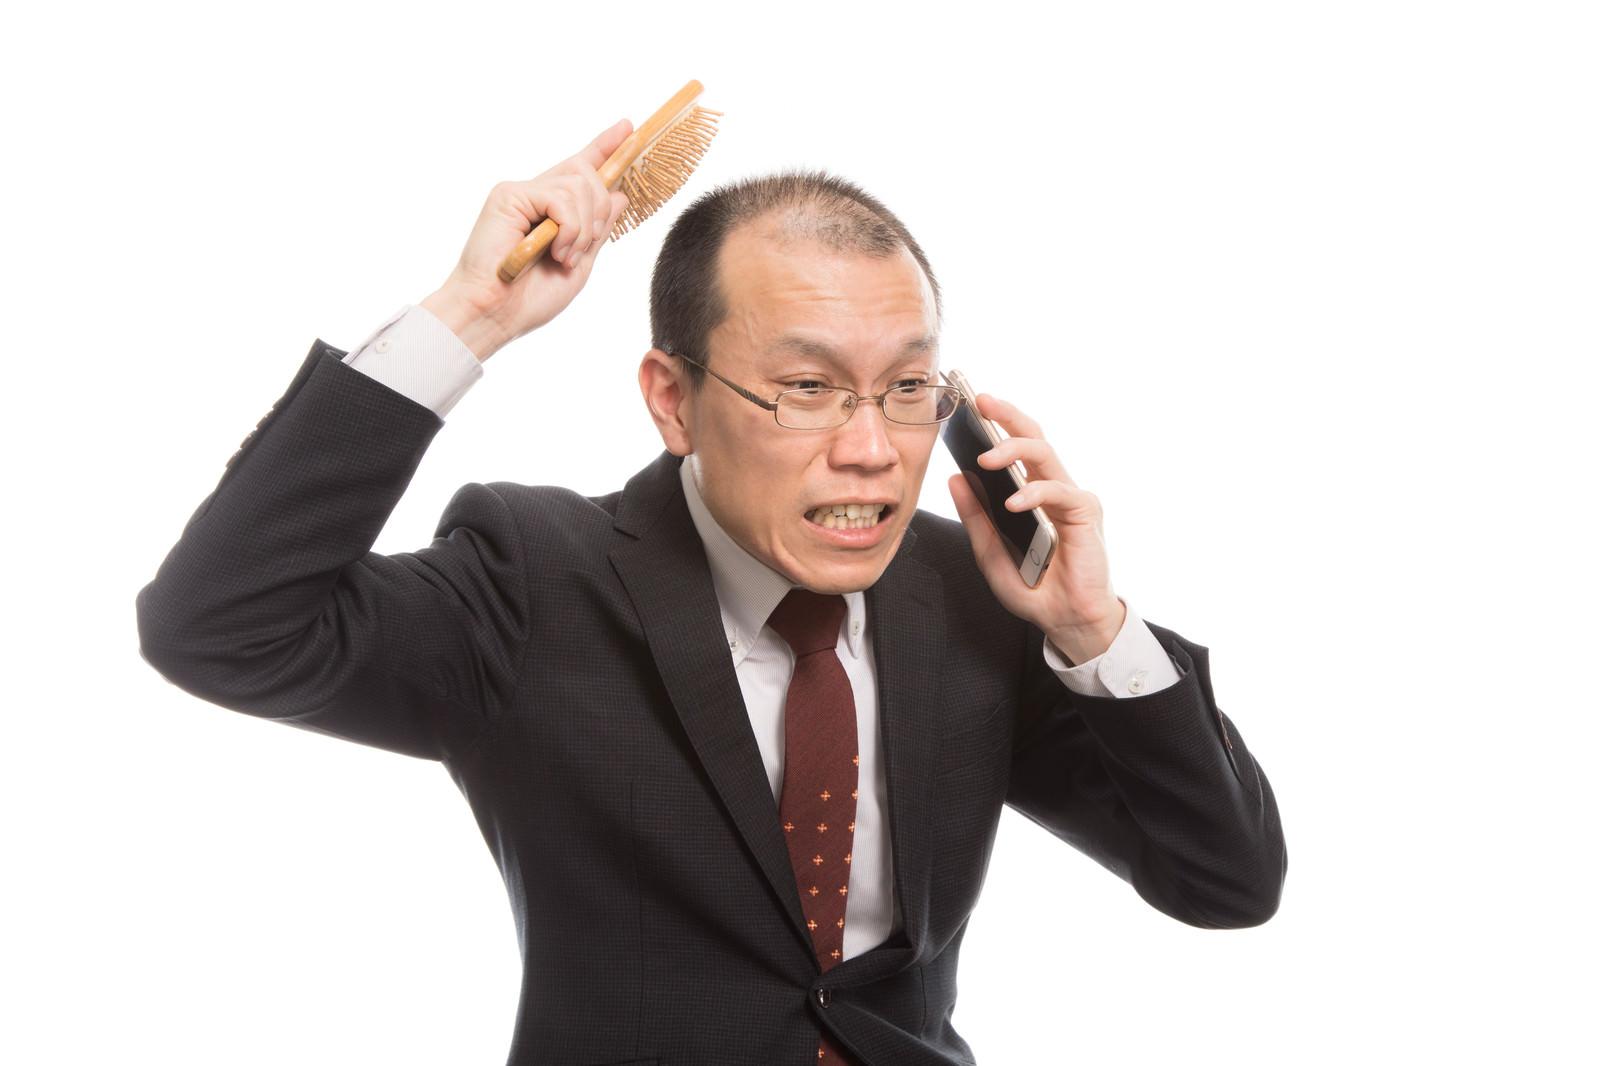 「頭頂部が薄い上司は育毛ブラシを使いながら電話する」の写真[モデル:サンライズ鈴木]